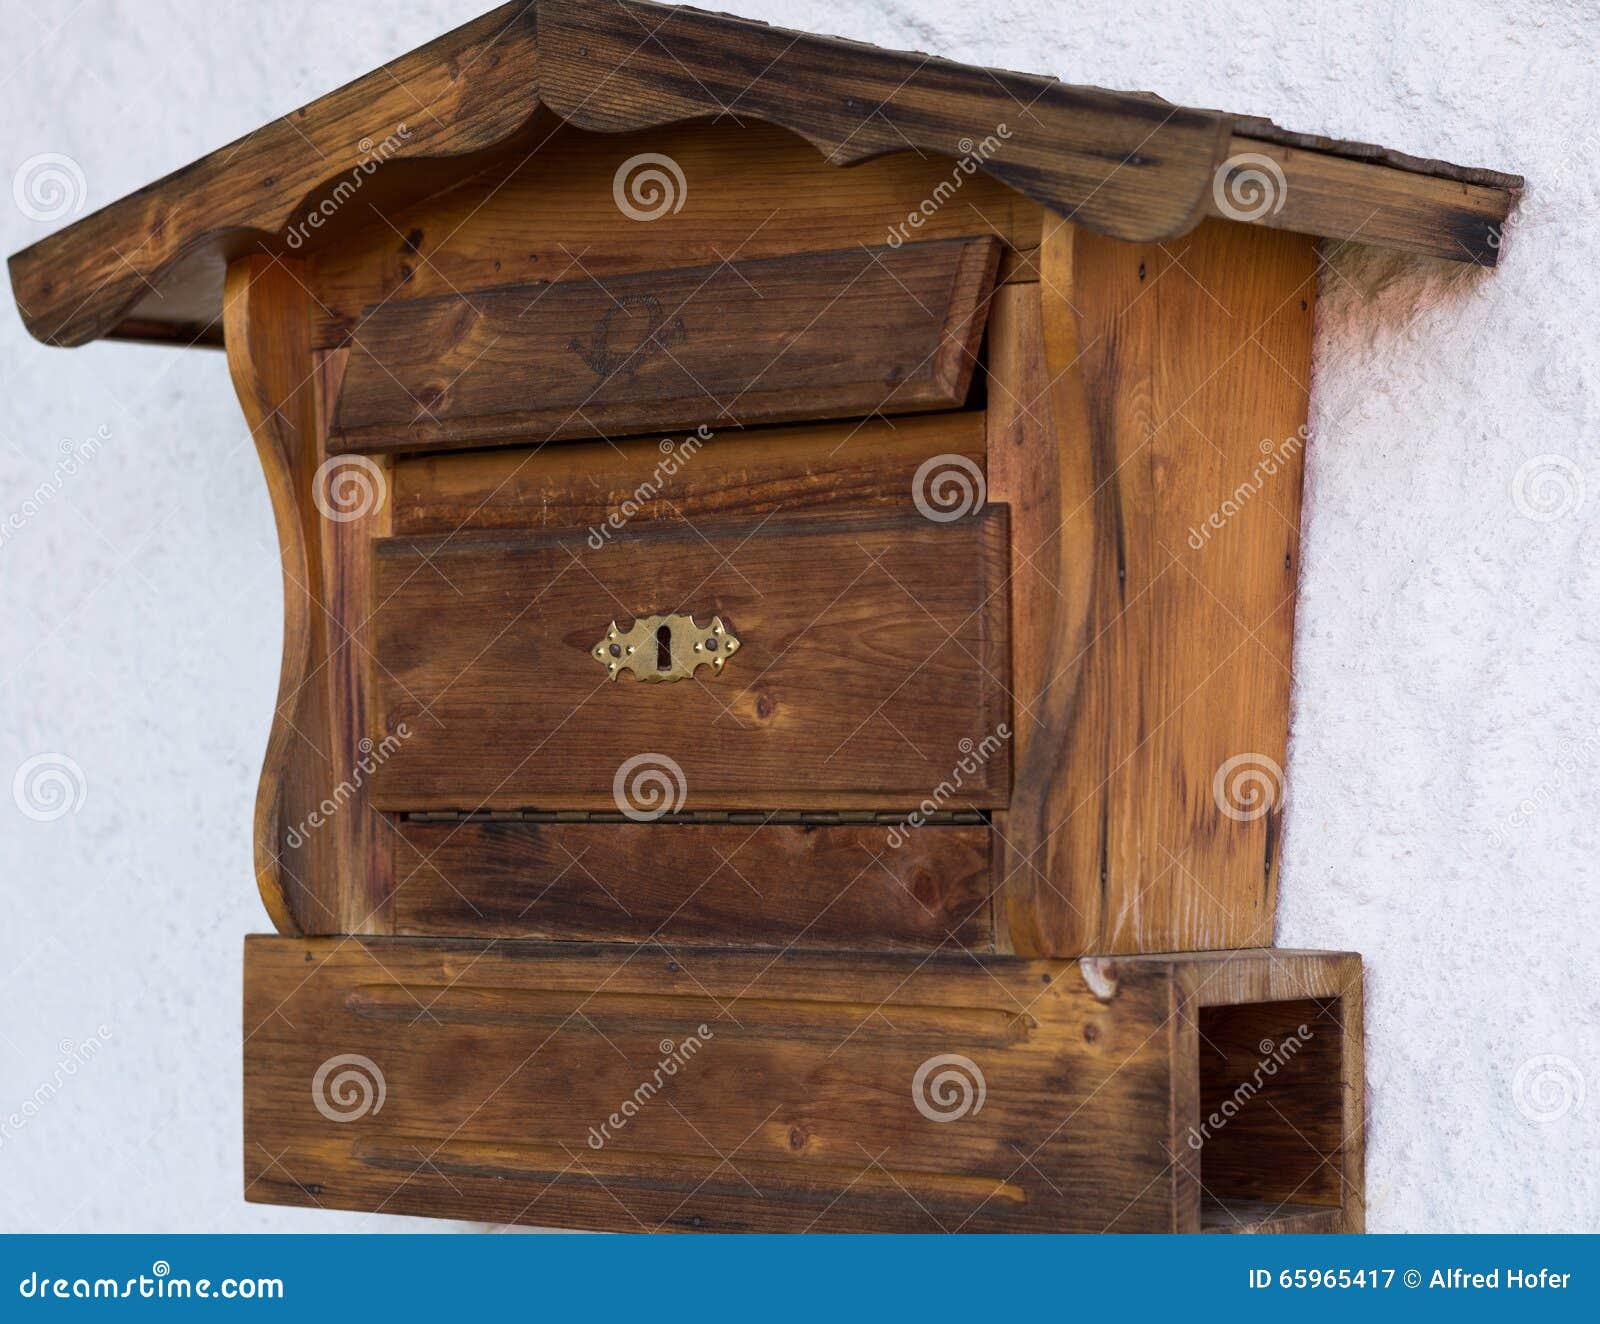 boîte aux lettres en bois originale image stock - image du